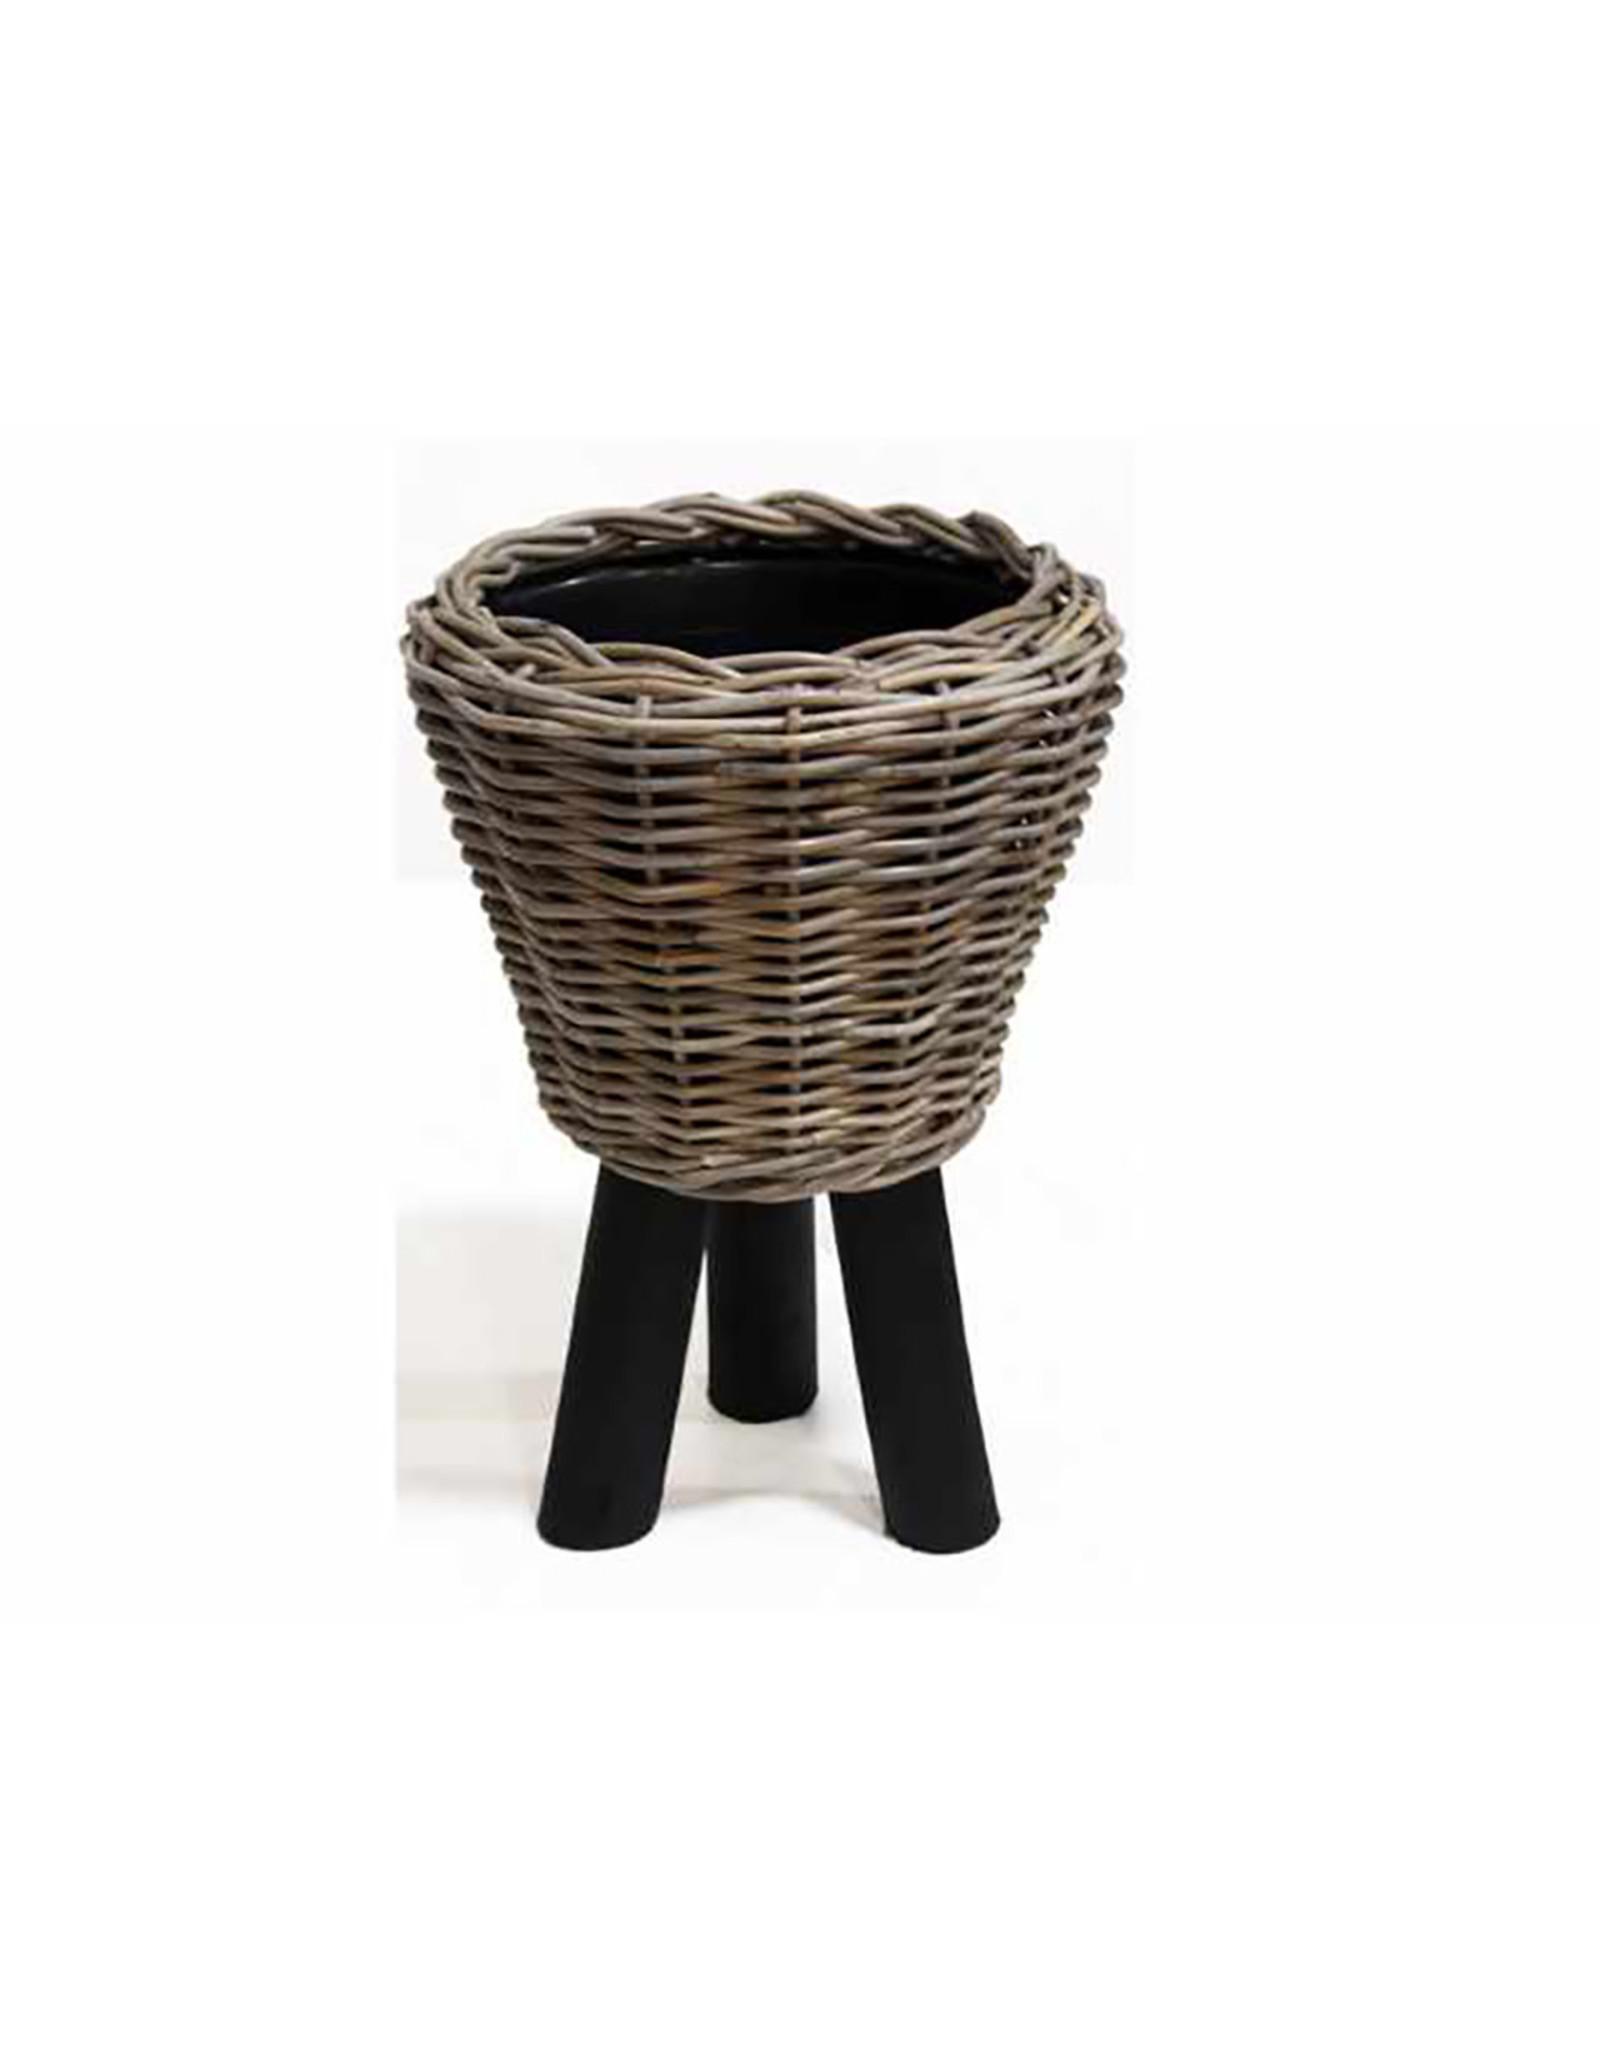 Van der Leeden Mandwerk Drypot Wooden Legs Black